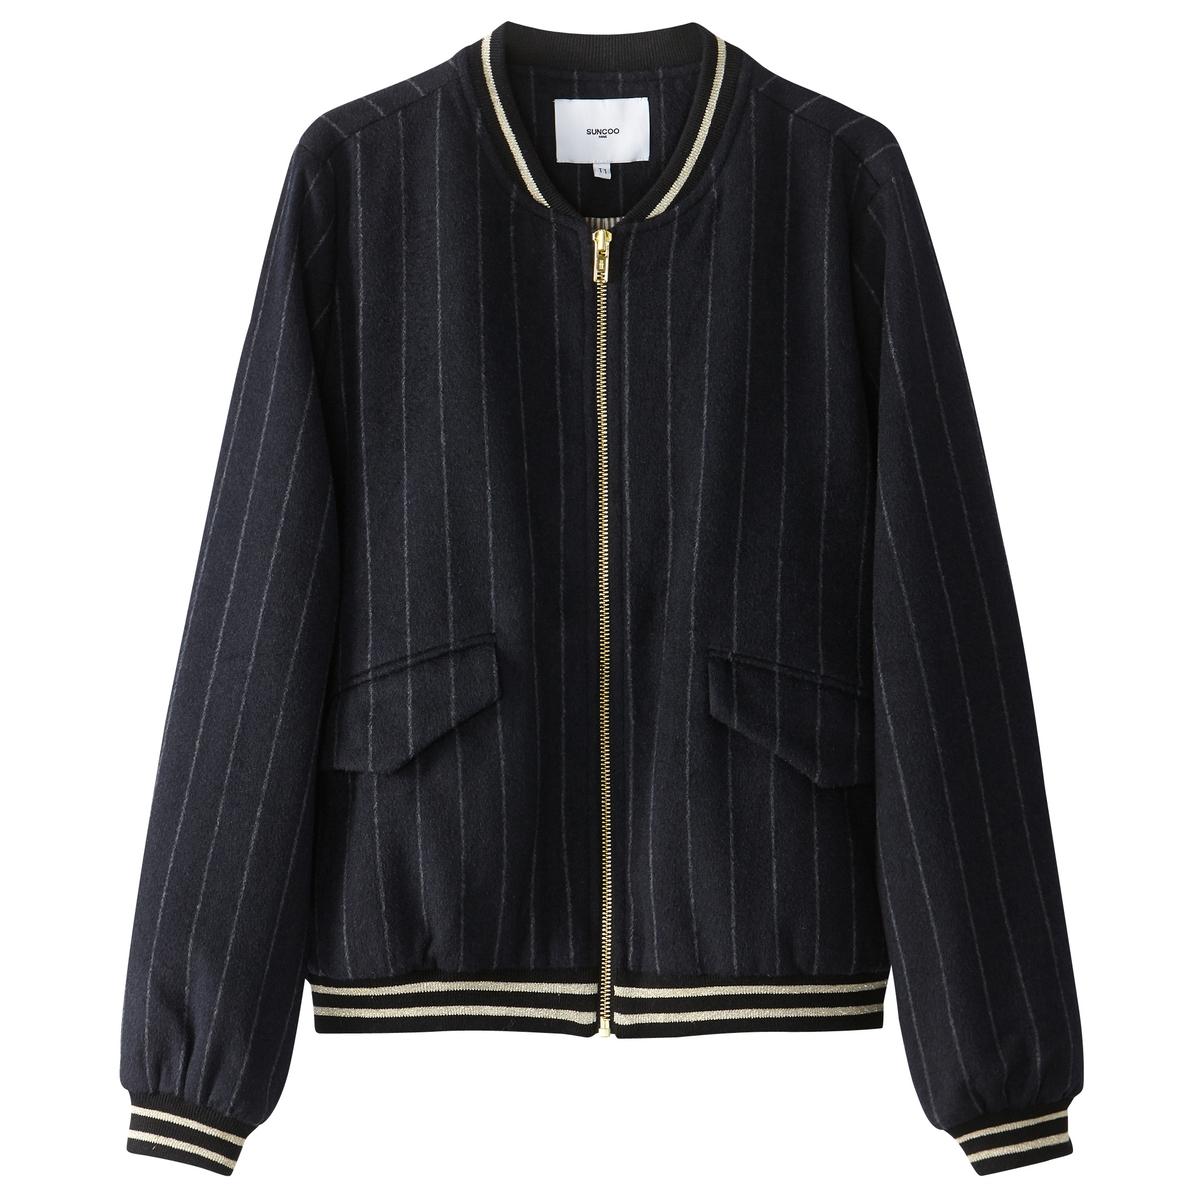 Куртка-бомбер на молнии 50% шерстиВы не устоите перед этой курткой-бомбер SUNCOO из смесовой шерсти . Роскошный и стильный принт в полоску . Круглый вырез, низ и манжеты в полоску . Карманы с клапанамиДетали •  Длина : укороченная   •  Круглый вырез •  Застежка на молниюСостав и уход •  50% шерсти, 50% полиэстера •  Подкладка : 90% хлопка, 10% эластана •  Следуйте рекомендациям по уходу, указанным на этикетке изделия<br><br>Цвет: в полоску темно-синий/белый<br>Размер: L.M